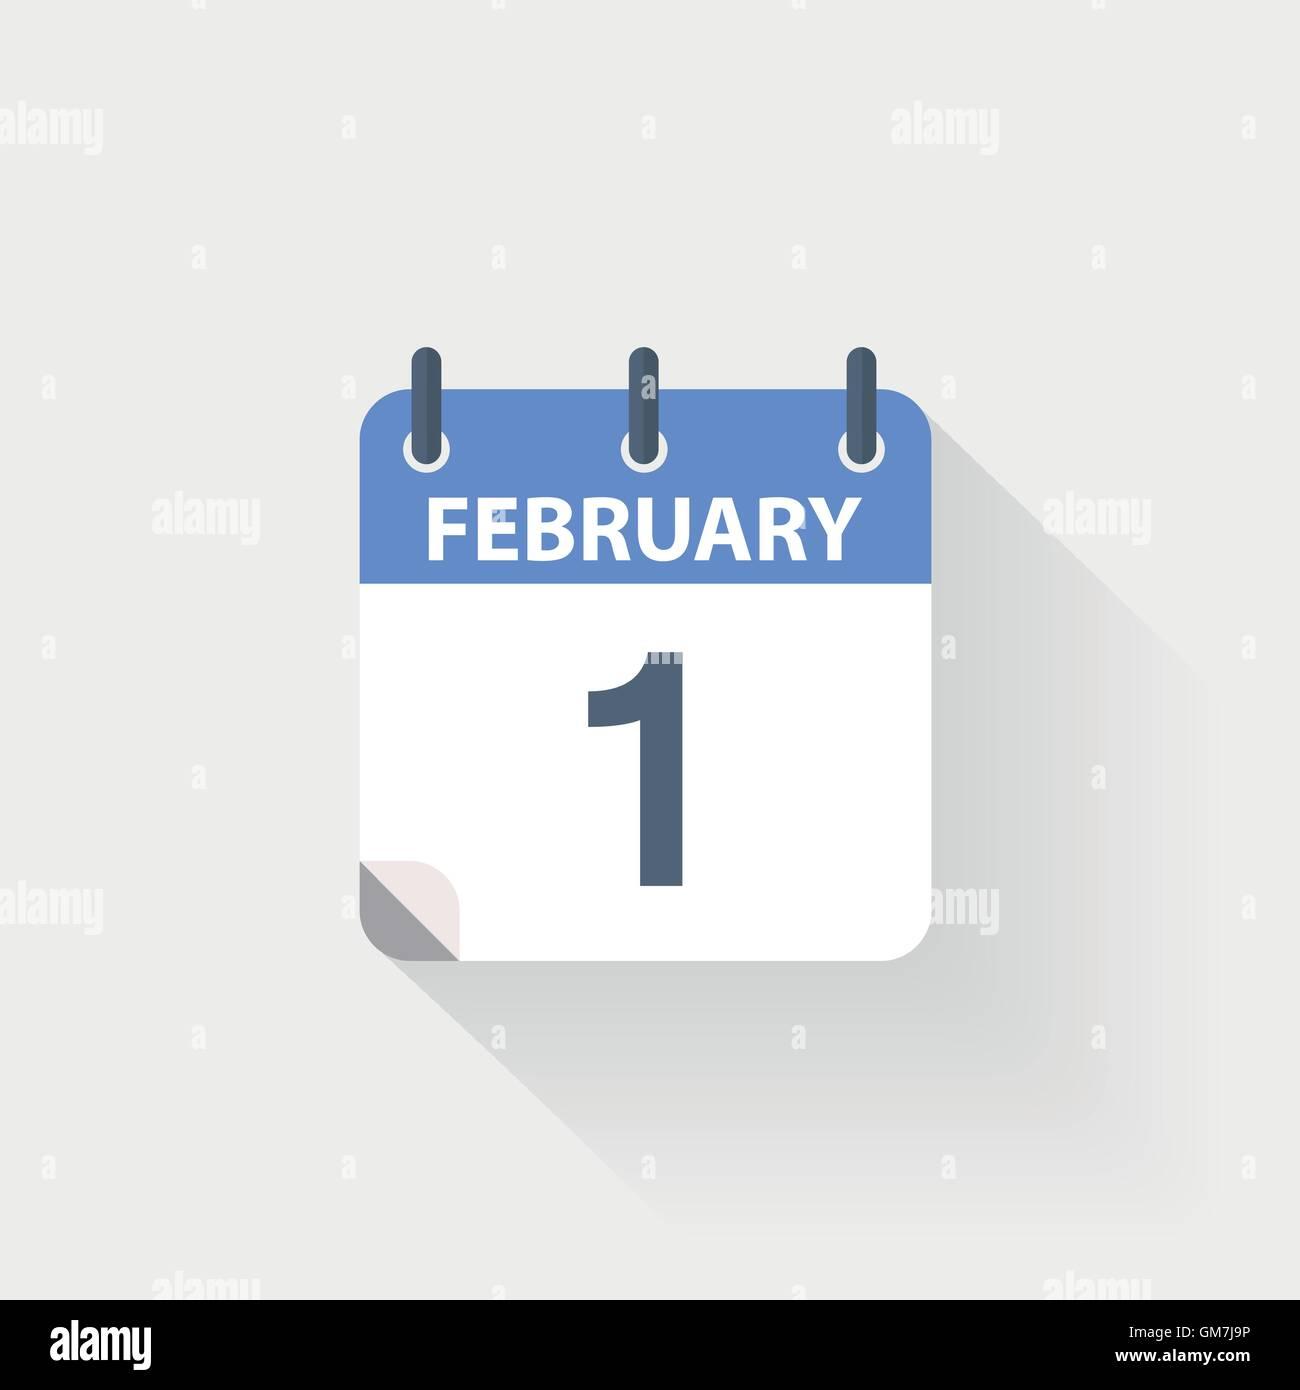 1, calendrier, icône, février, jour, vecteur, illustration, mois, jour, année, design, télévision, Photo Stock